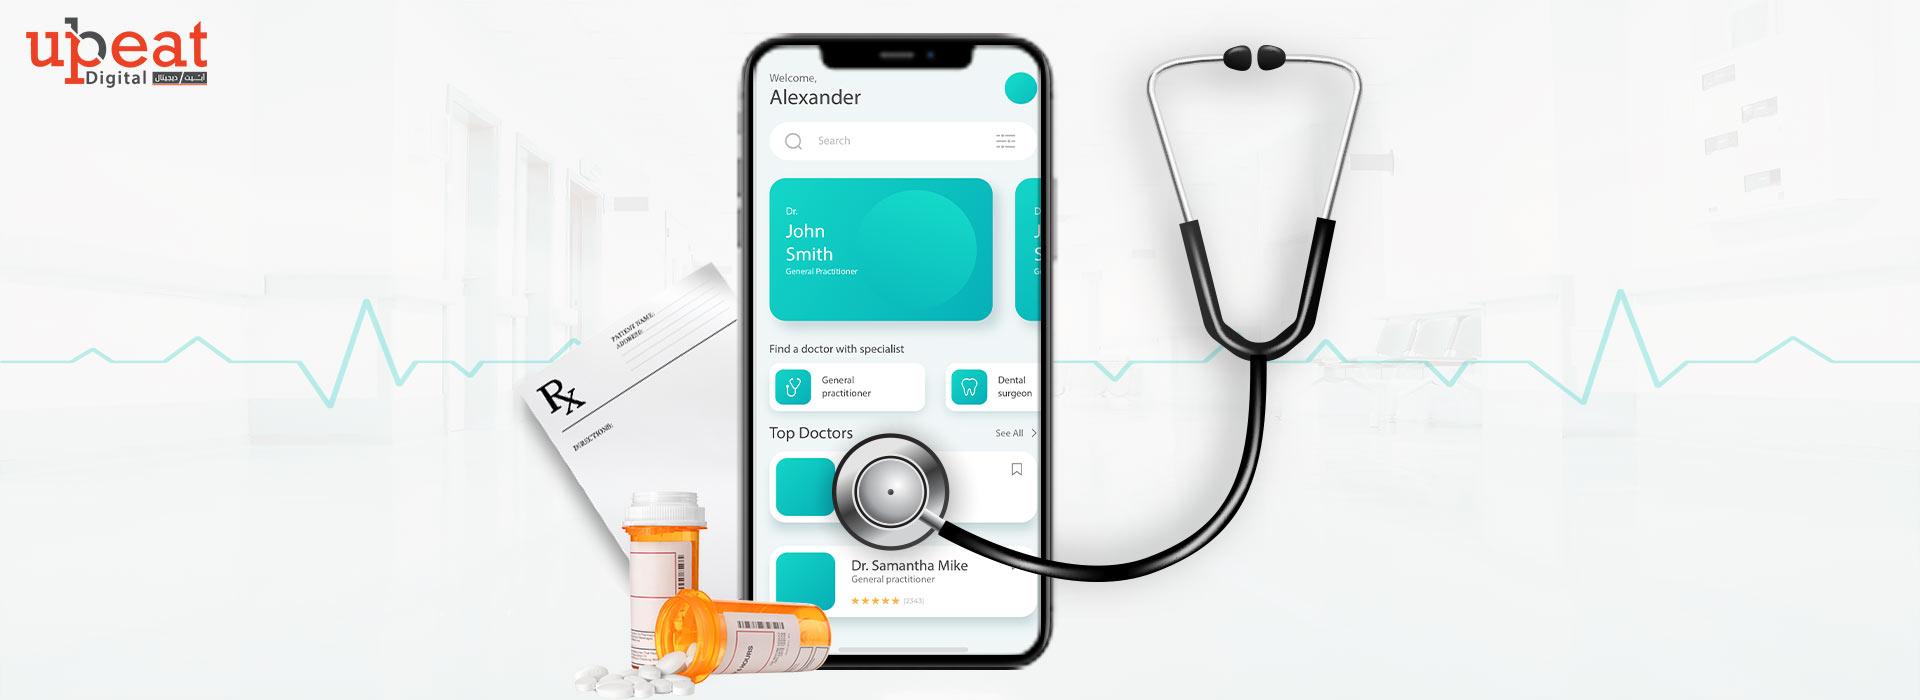 تصميم وبرمجة تطبيق استشارات طبية